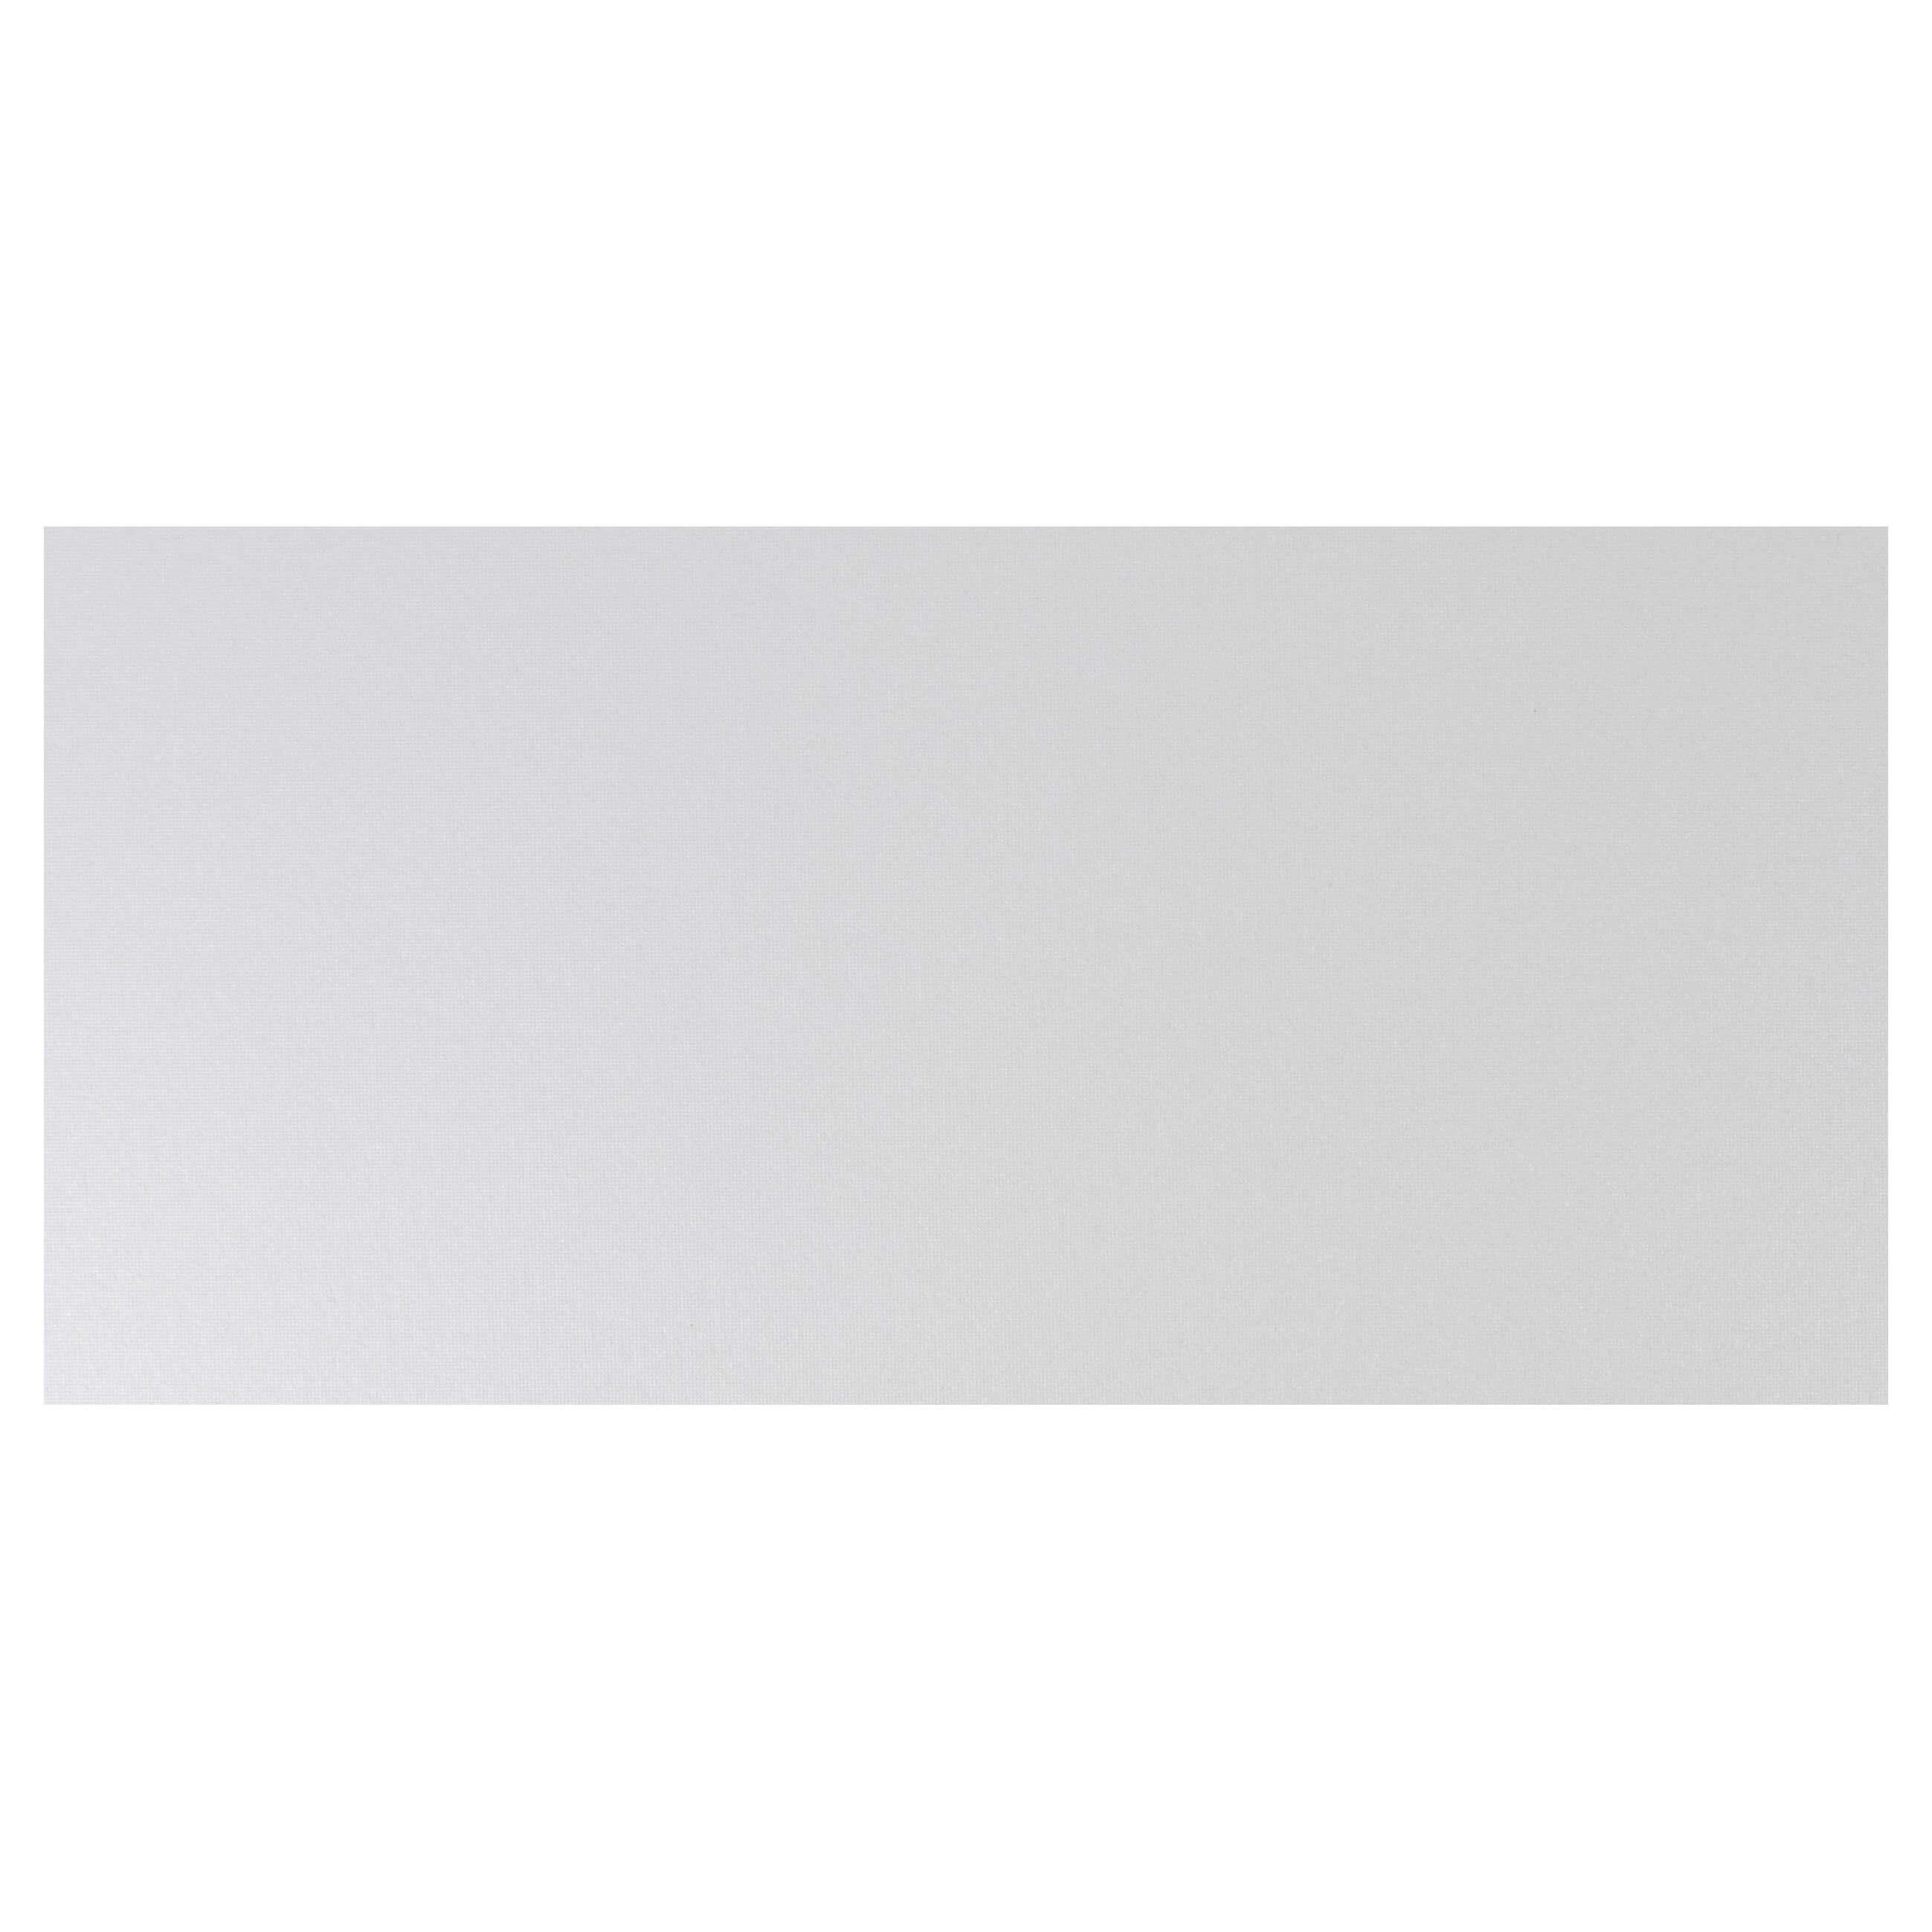 Cardstock DL Base - Pearlescent Ivory